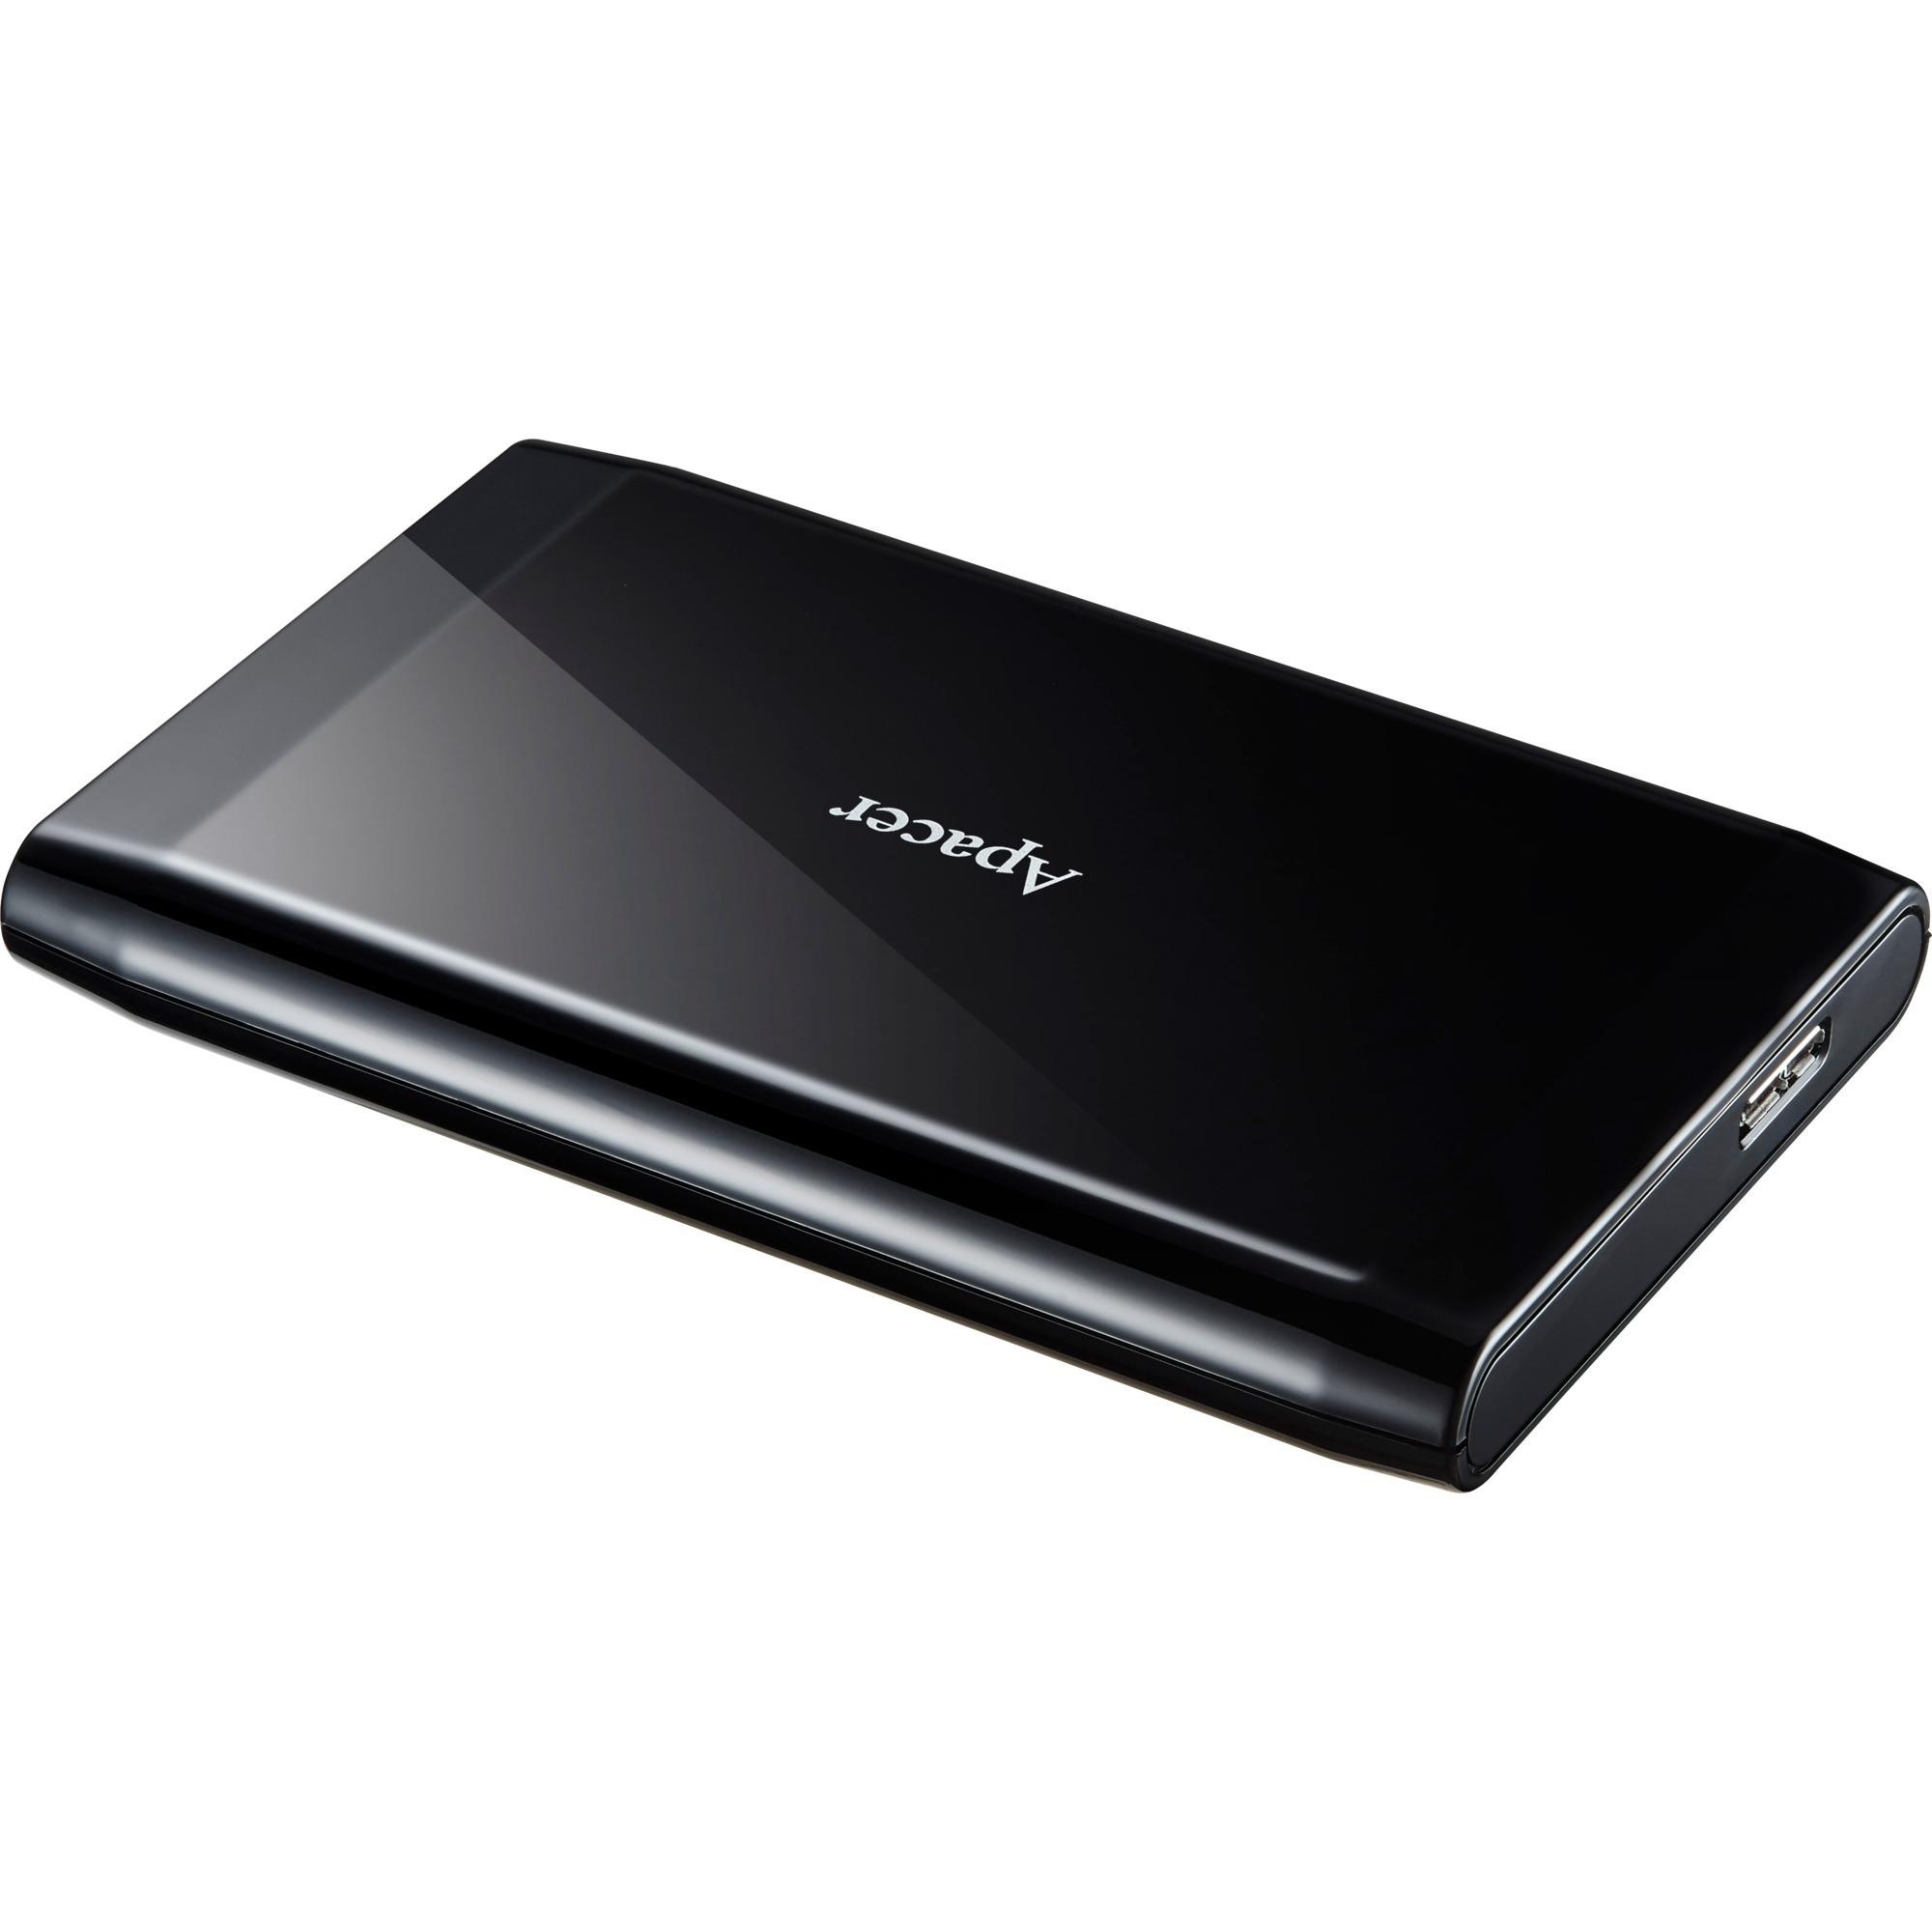 AC235 1000GB Negro disco duro externo, Unidad de disco duro